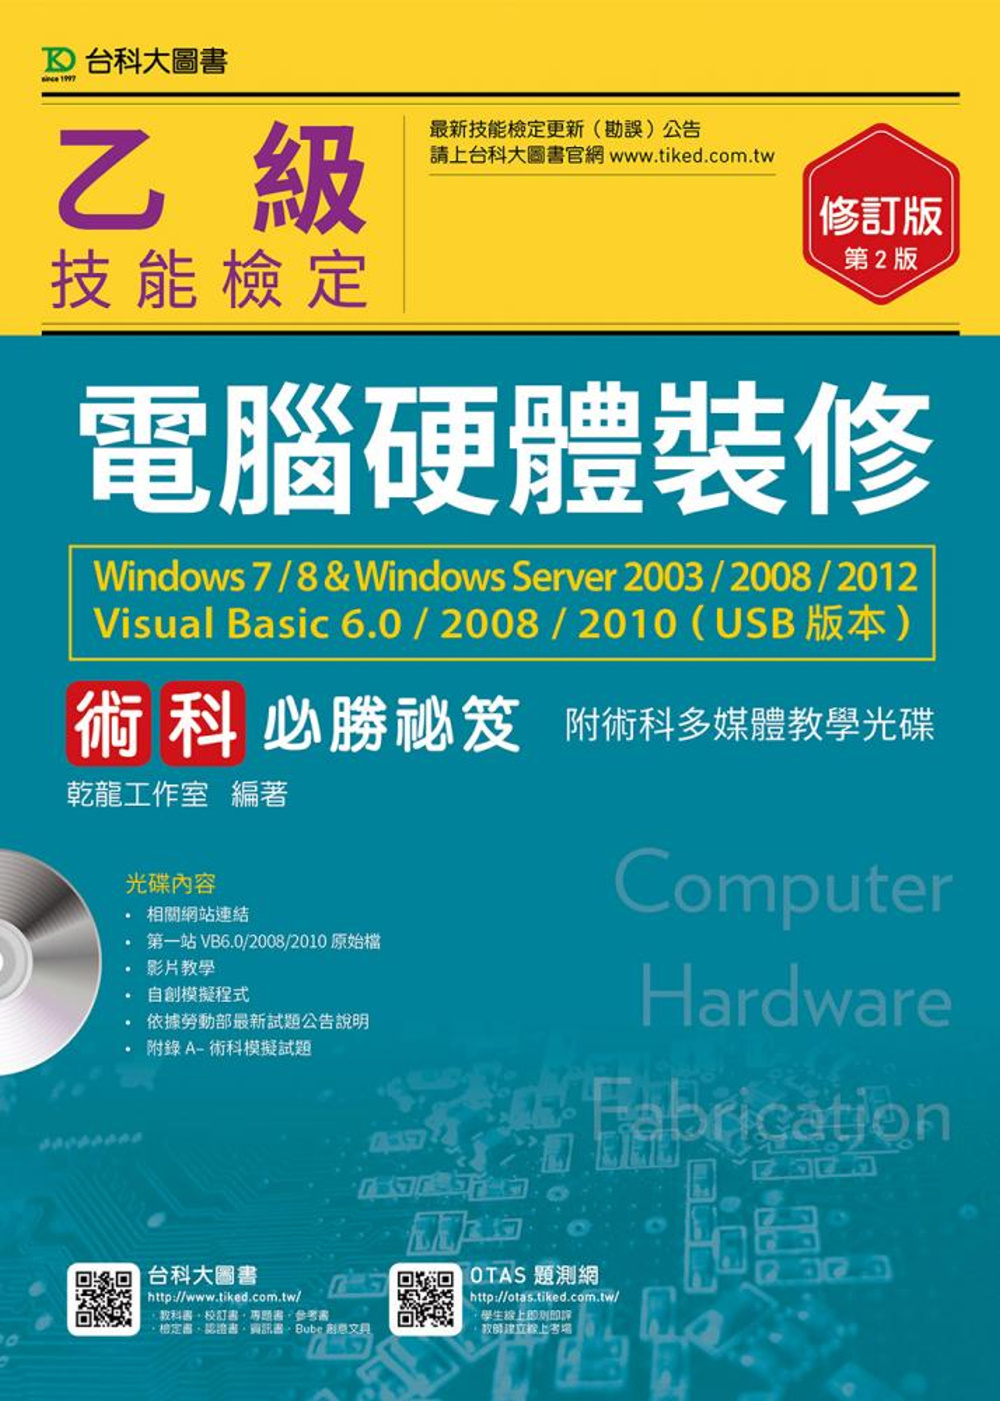 乙級電腦硬體裝修術科必勝秘笈Windows 7 / 8 & Windows Server 2003 / 2008 / 2012 Visual Basic 6.0 / 2008 / 2010 (USB版本)附術科多媒體教學光碟 - 修訂版(第二版)